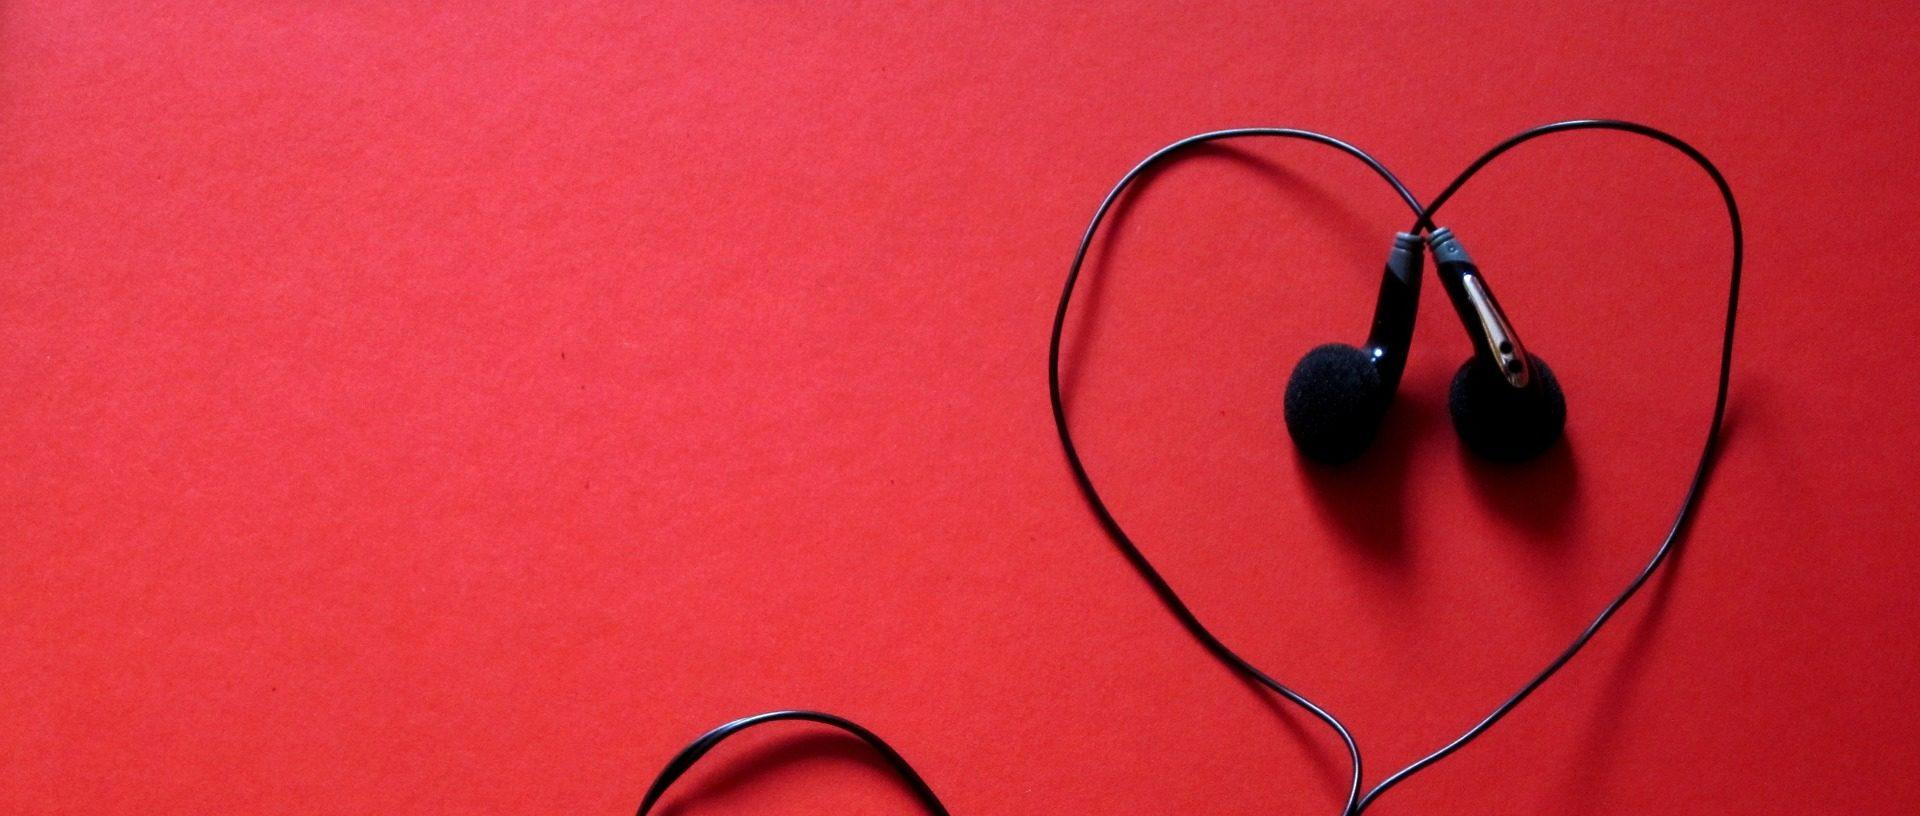 relatietherapie luisteren